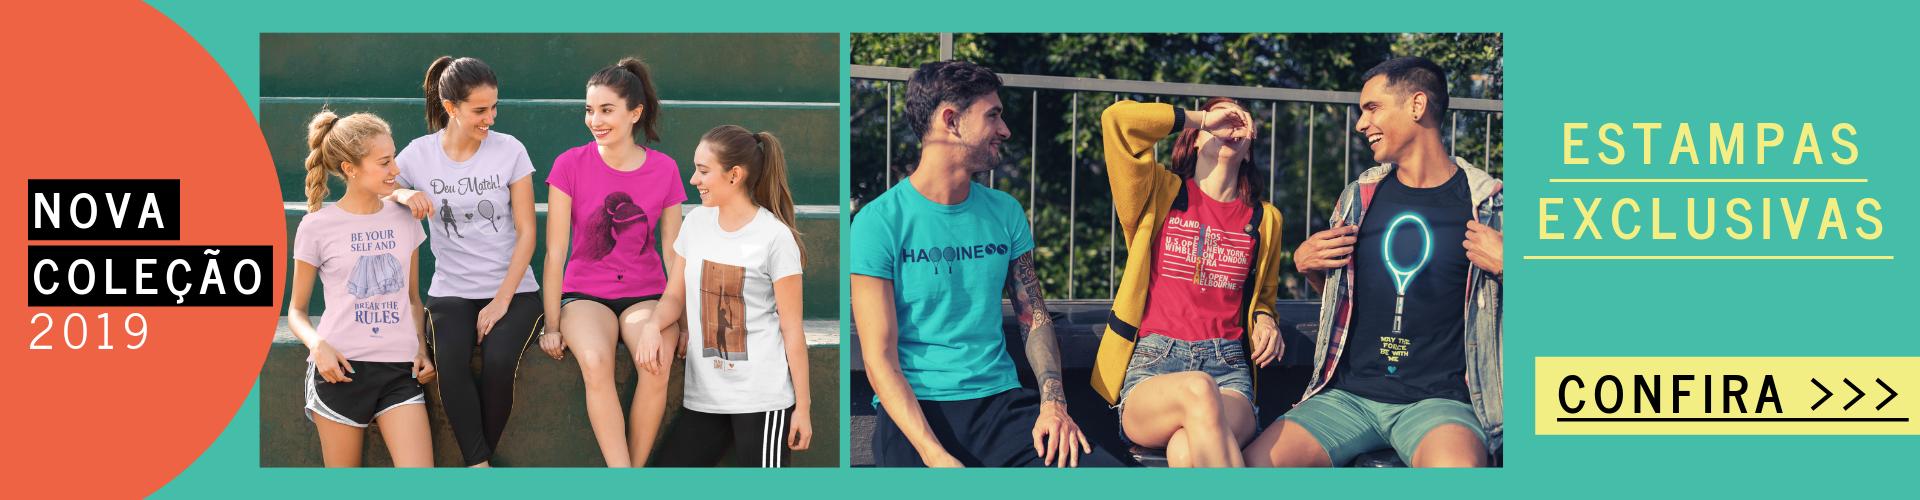 camisetas1